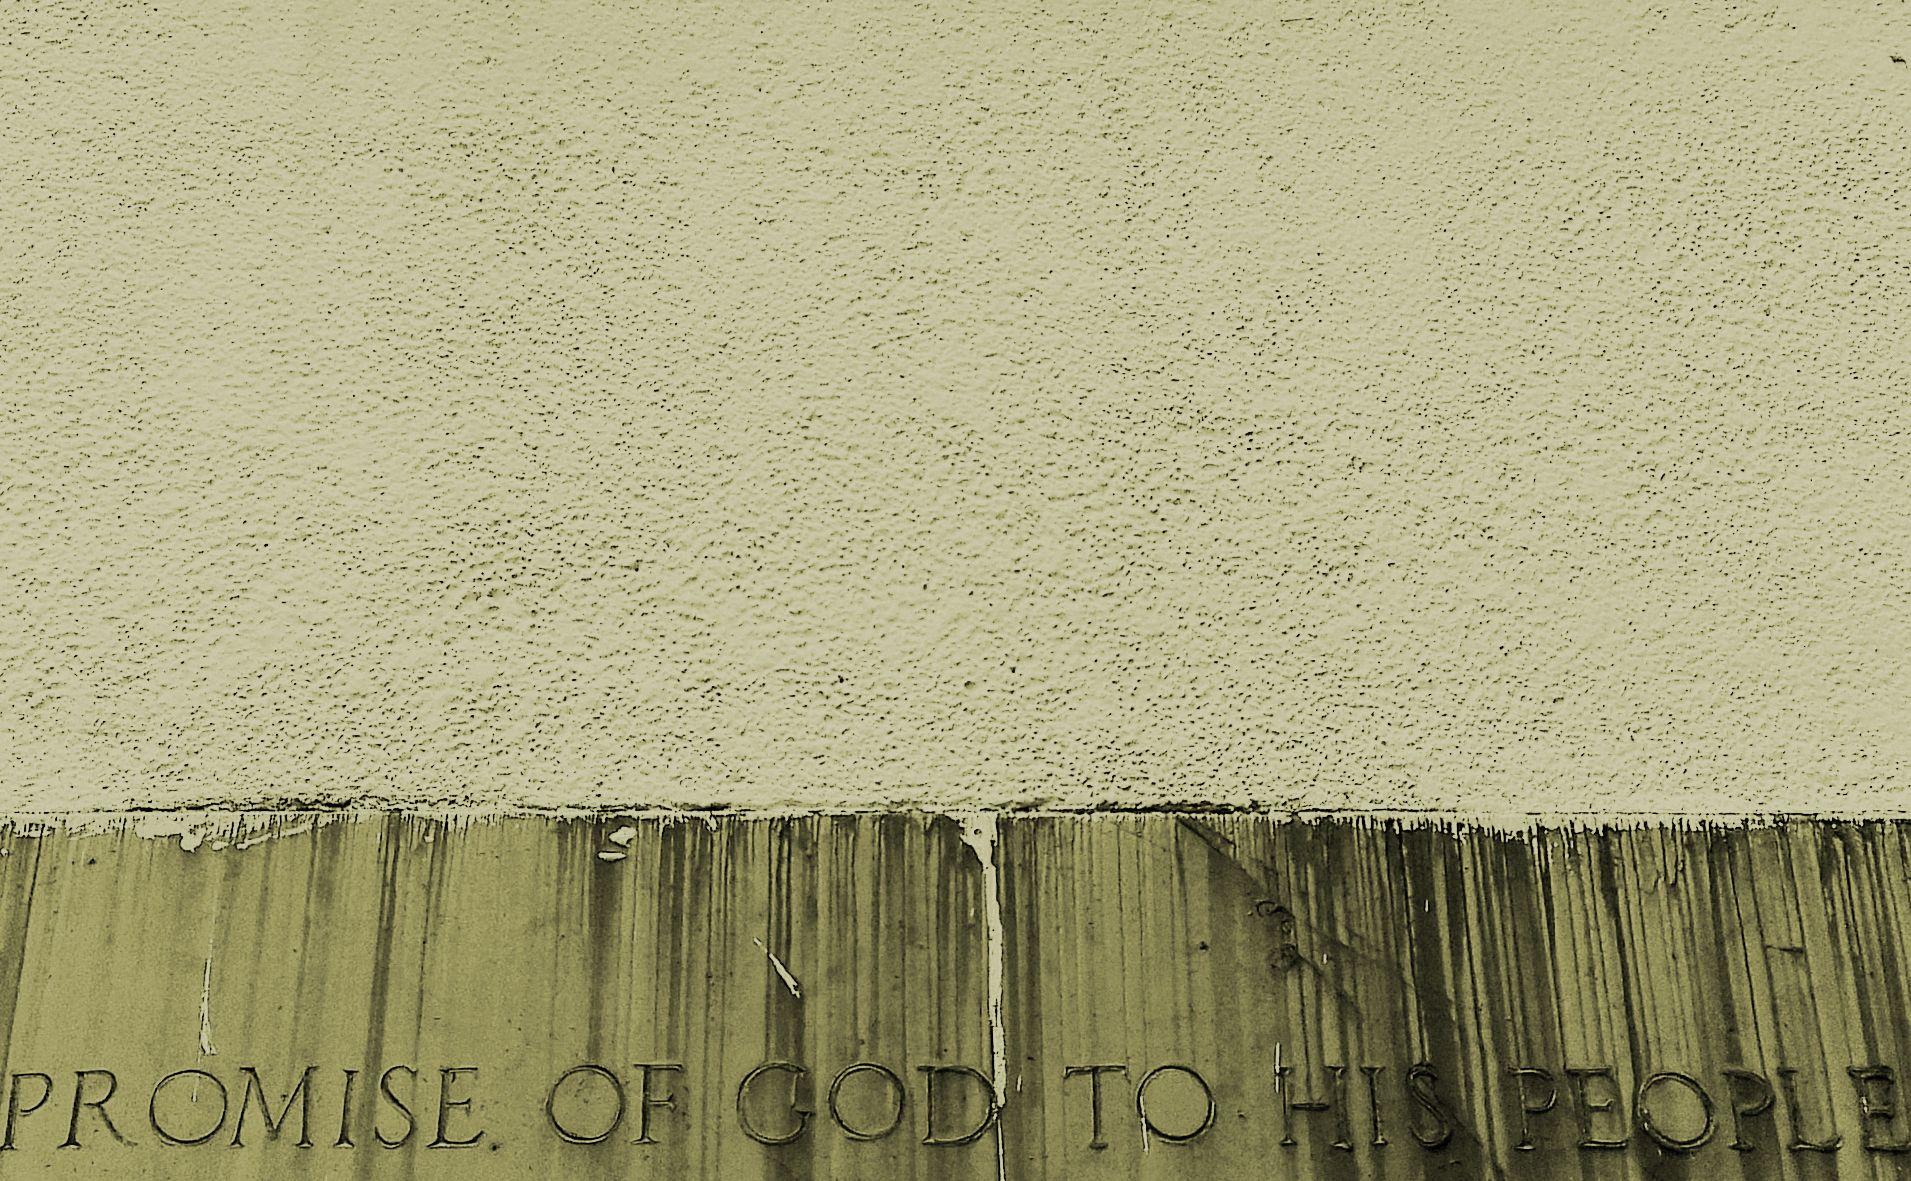 至於我,我要求告神,耶和華必拯救我。(詩篇 55:16) But I will call on God, and the Lord will rescue me. (Psalm 55:16)